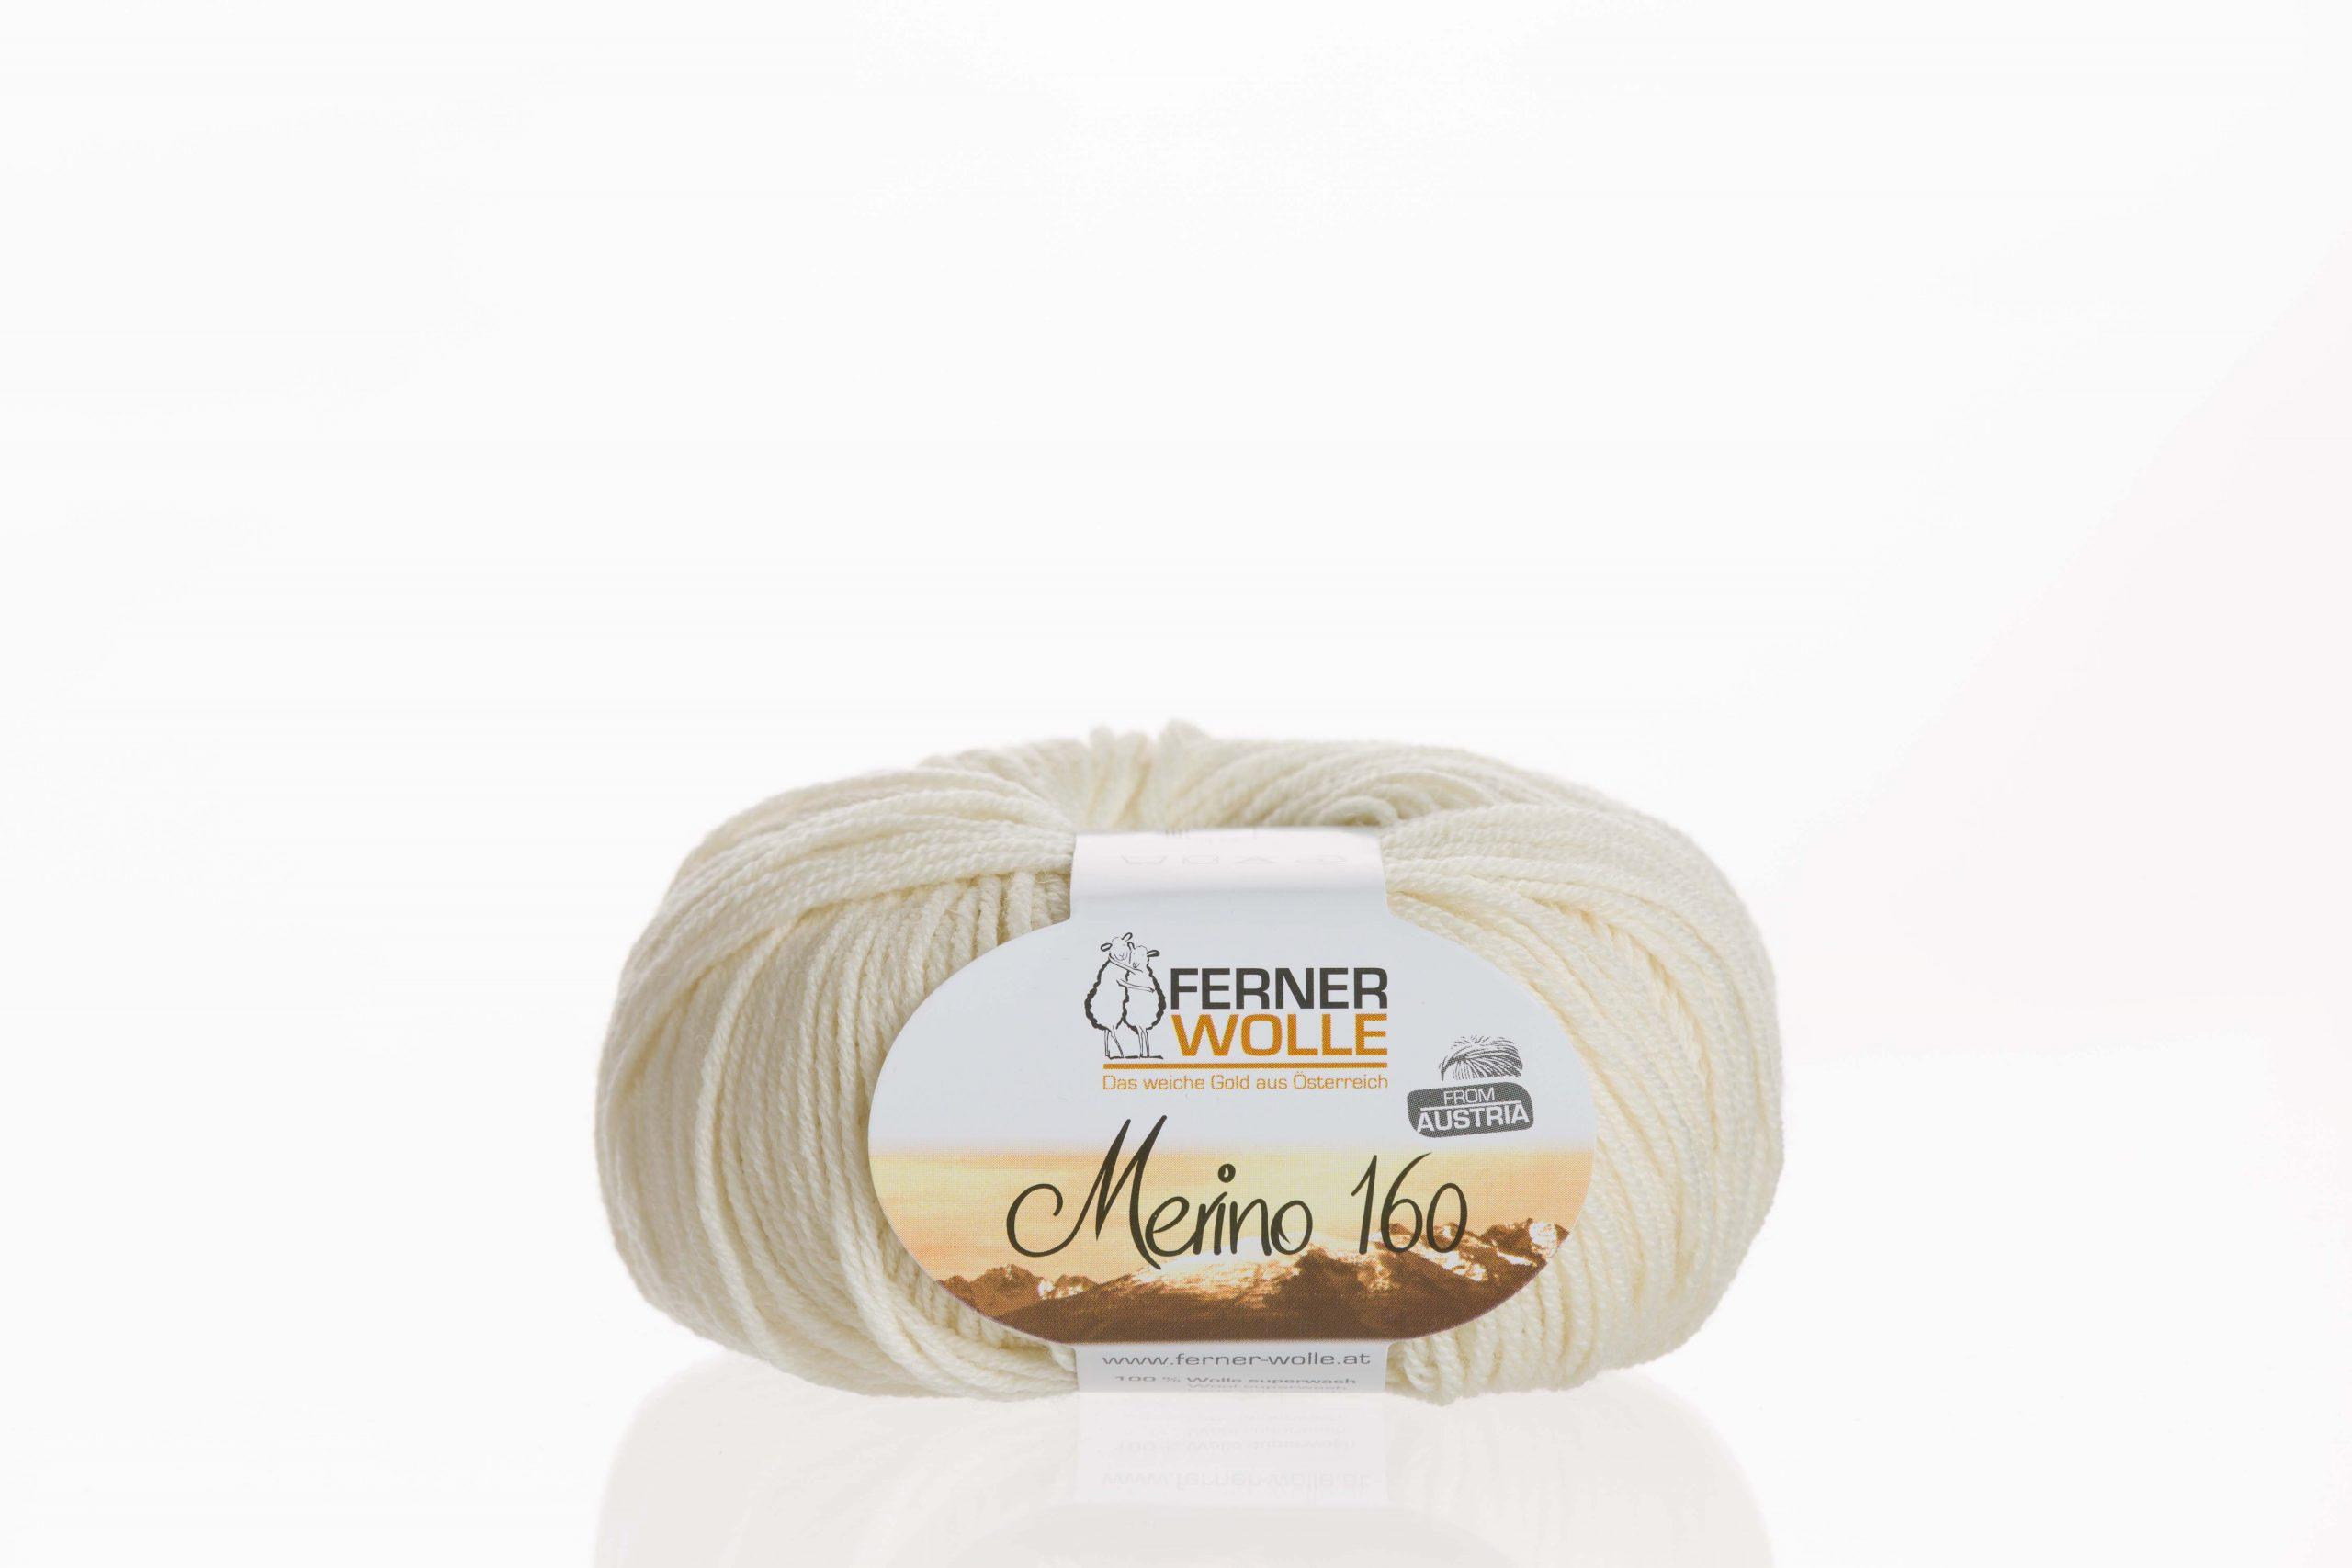 Merino 160 von Ferner Wolle Farbe 401